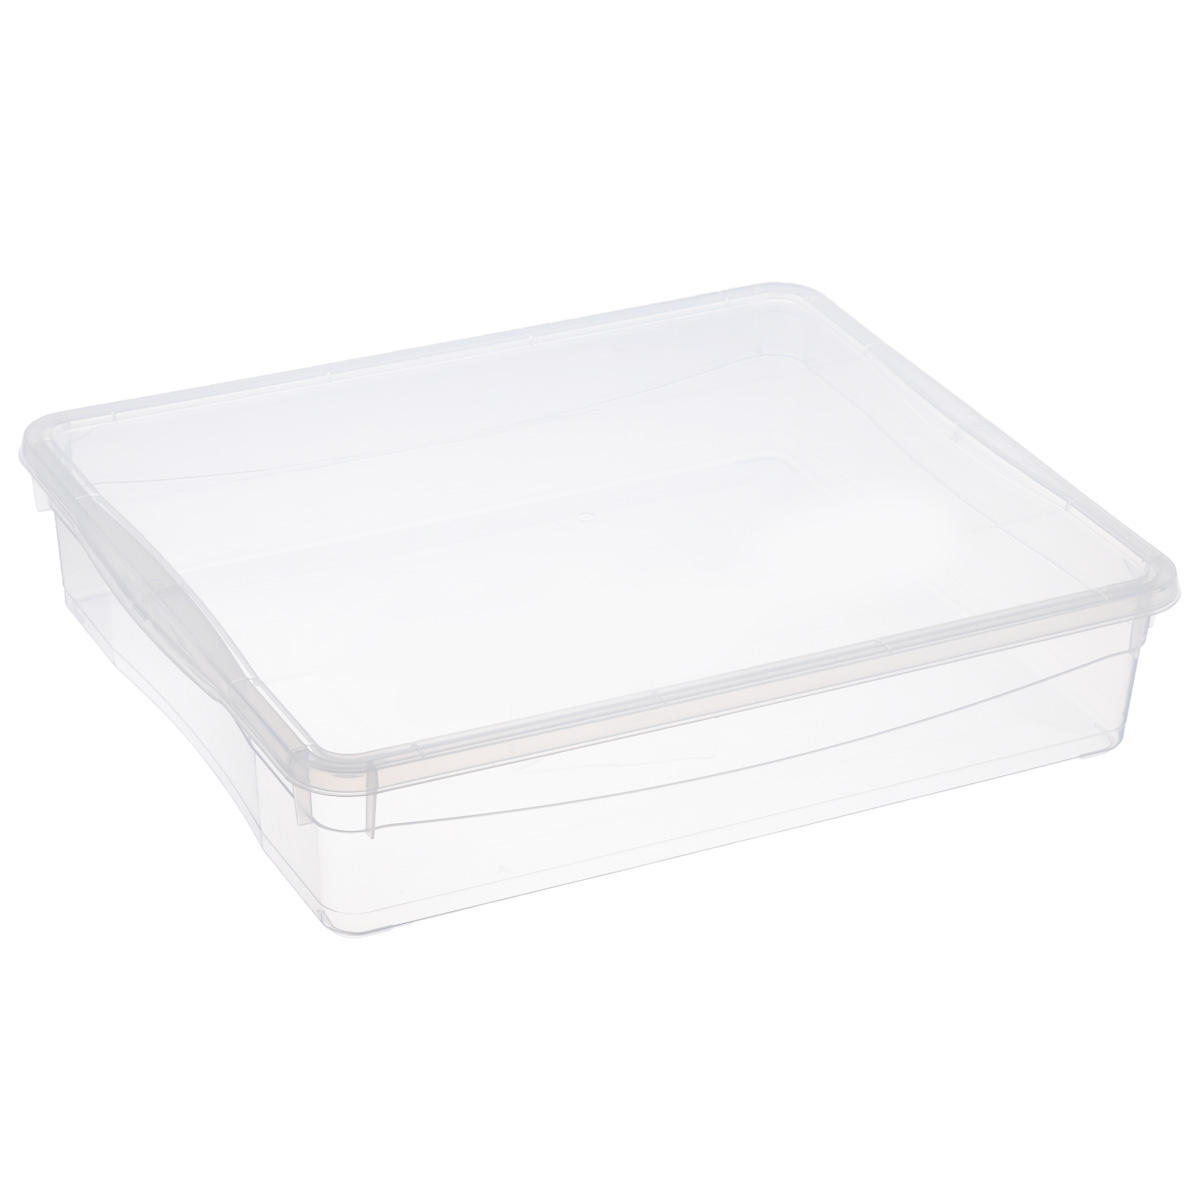 Ящик универсальный Econova Кристалл, цвет: прозрачный, 9 лС12494Универсальный ящик Econova Кристалл выполнен из прочного пластика и предназначен для хранения различных предметов. Изделие оснащено удобной крышкой.Очень функциональный и вместительный, такой ящик будет очень полезен для хранения вещей или продуктов, а также защитит их от пыли и грязи.